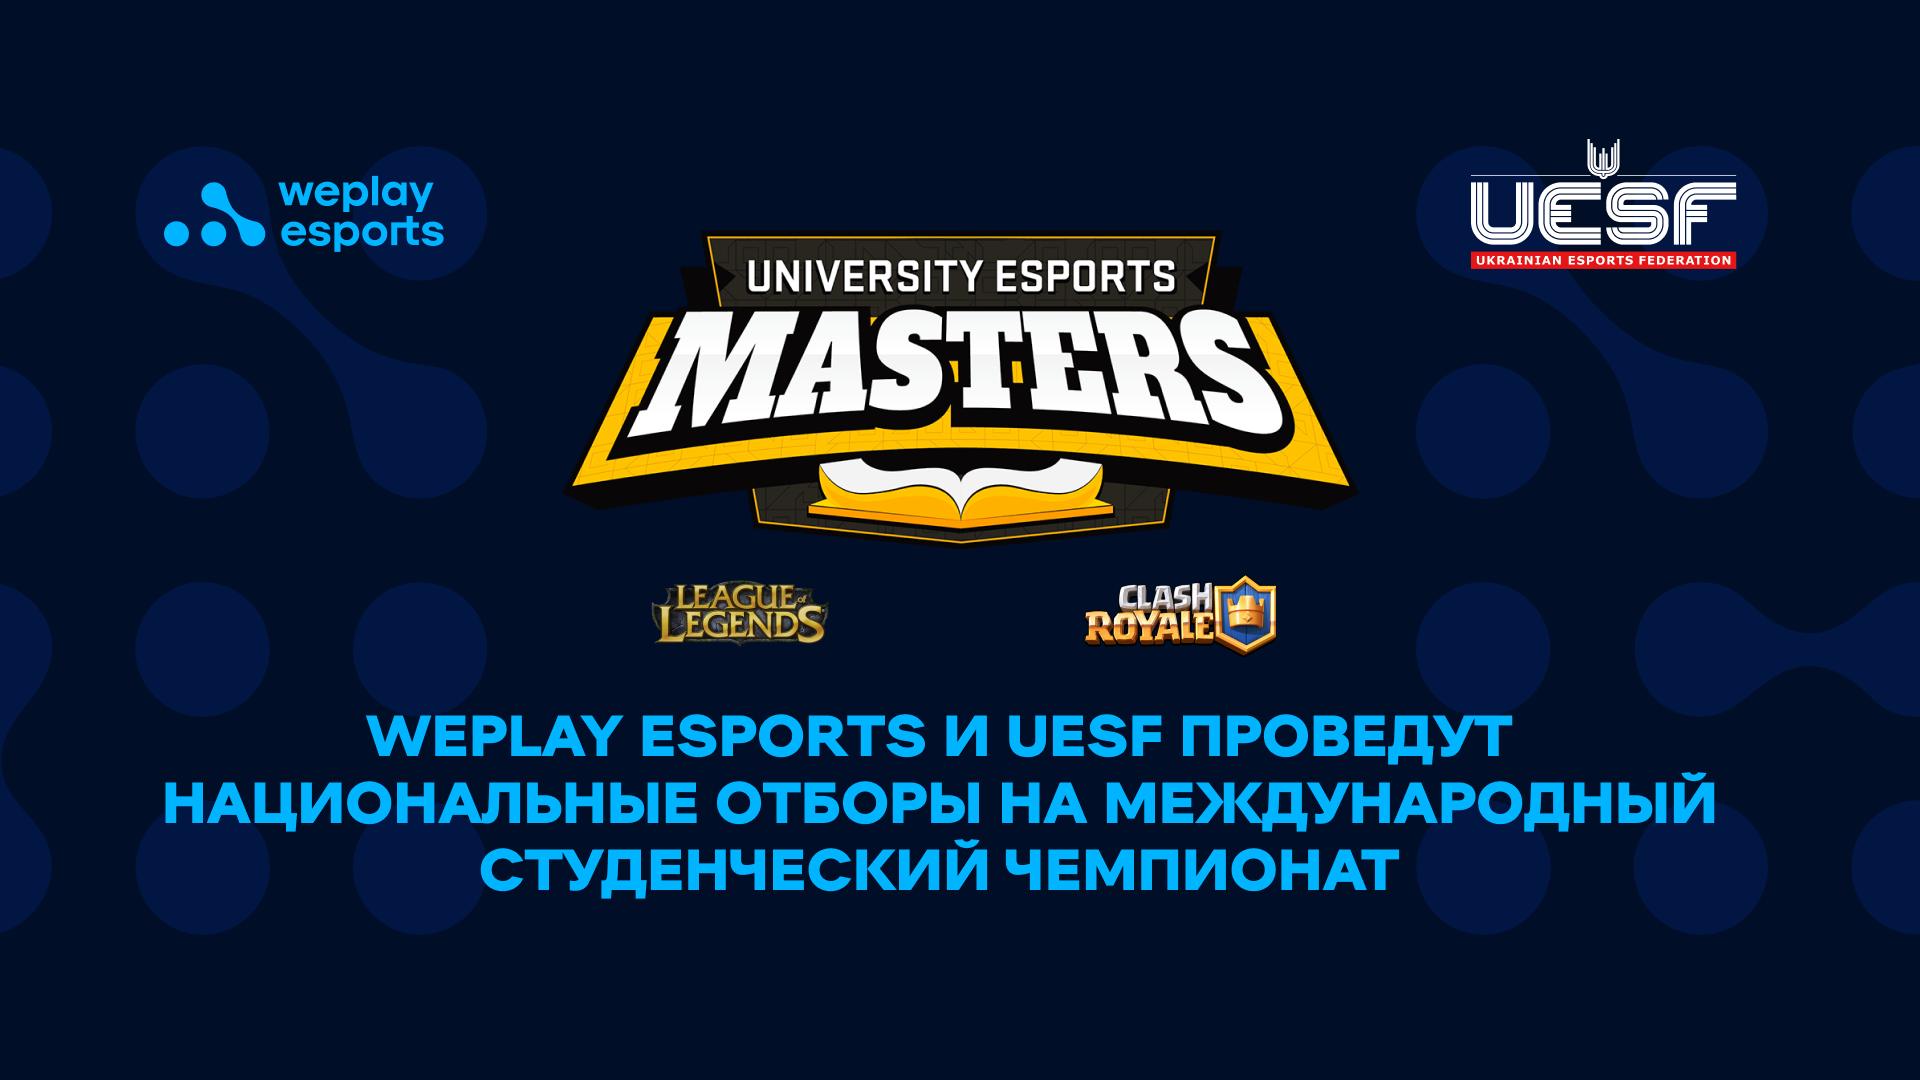 WePlay Esports и UESF проведут национальные отборы на международный студенческий чемпионат